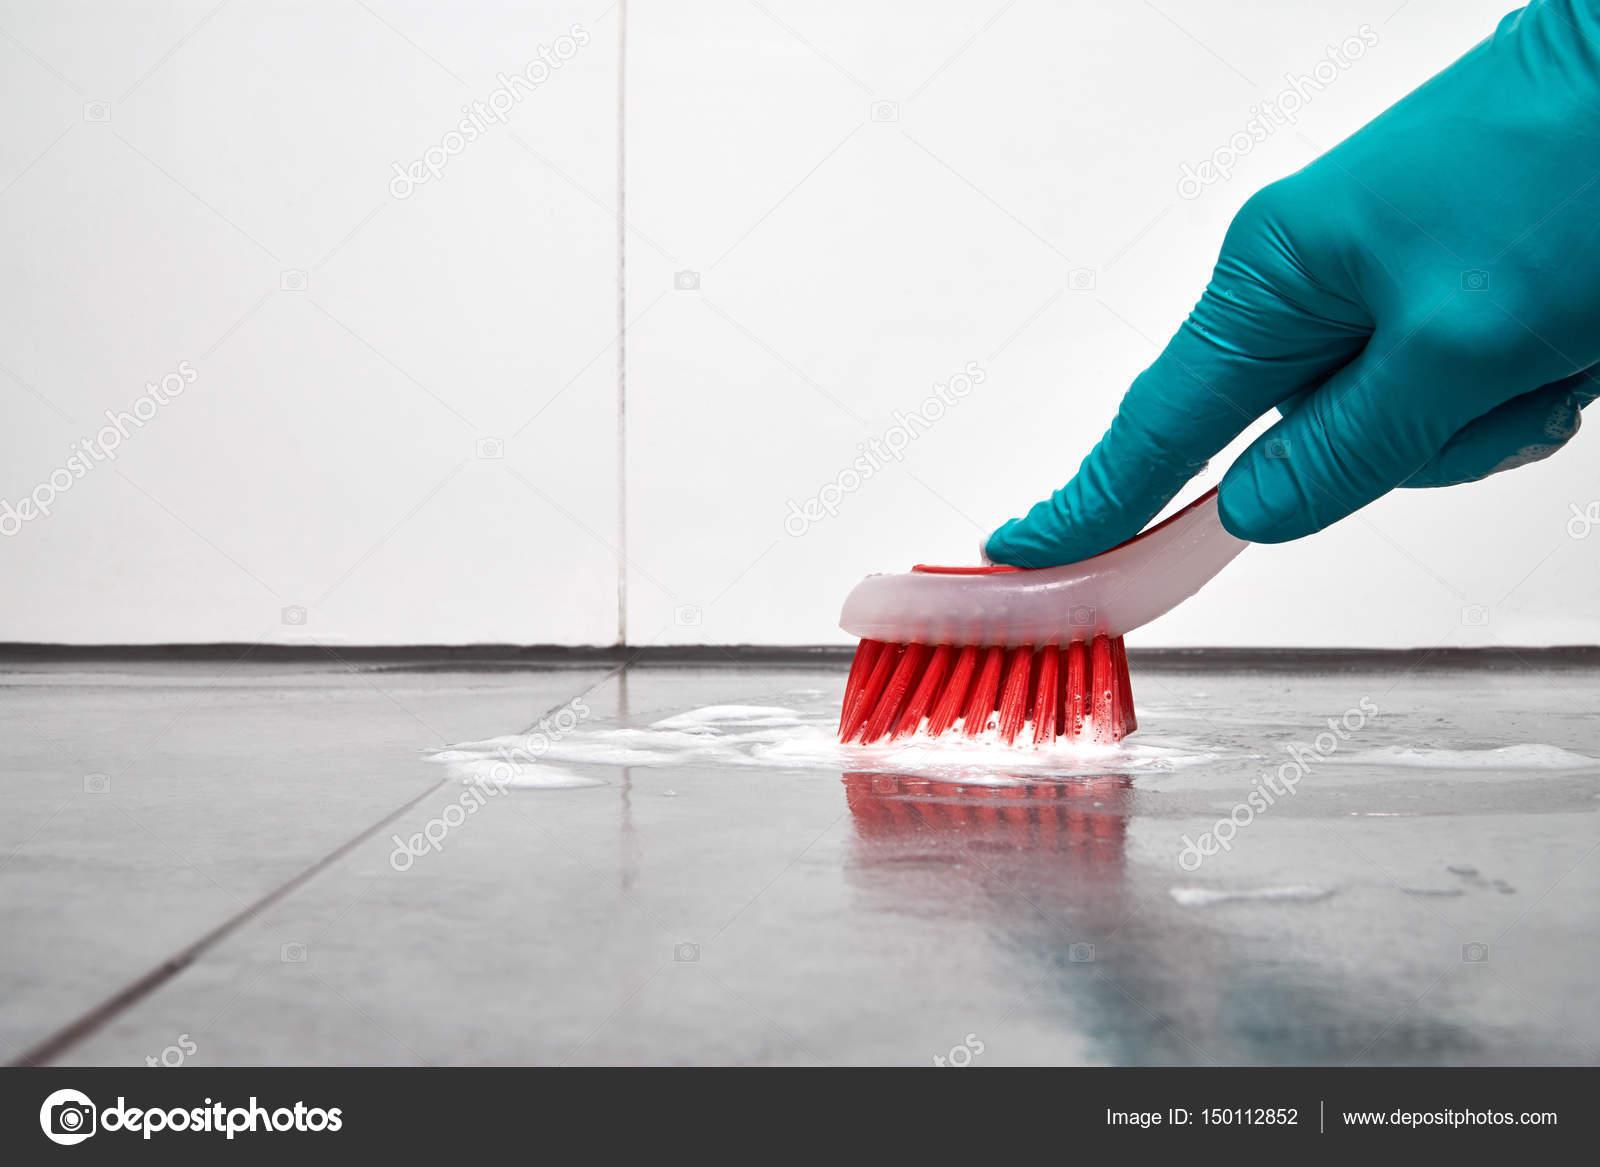 Maschio a mano con pennello rosso pulizia piastrelle del bagno al